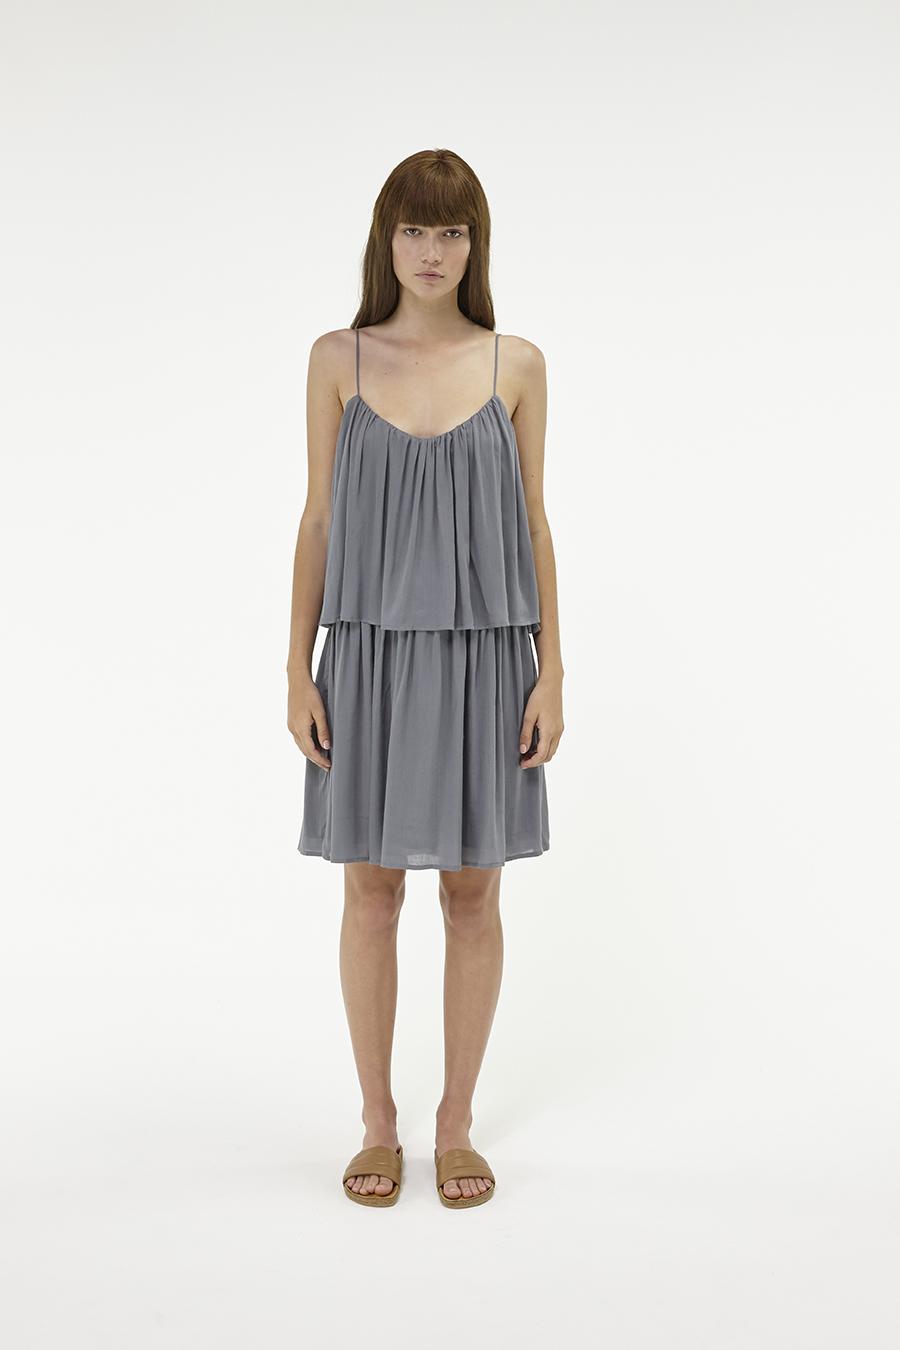 Huffer_Q3-16_W-Love-All-Dress_Grey-01